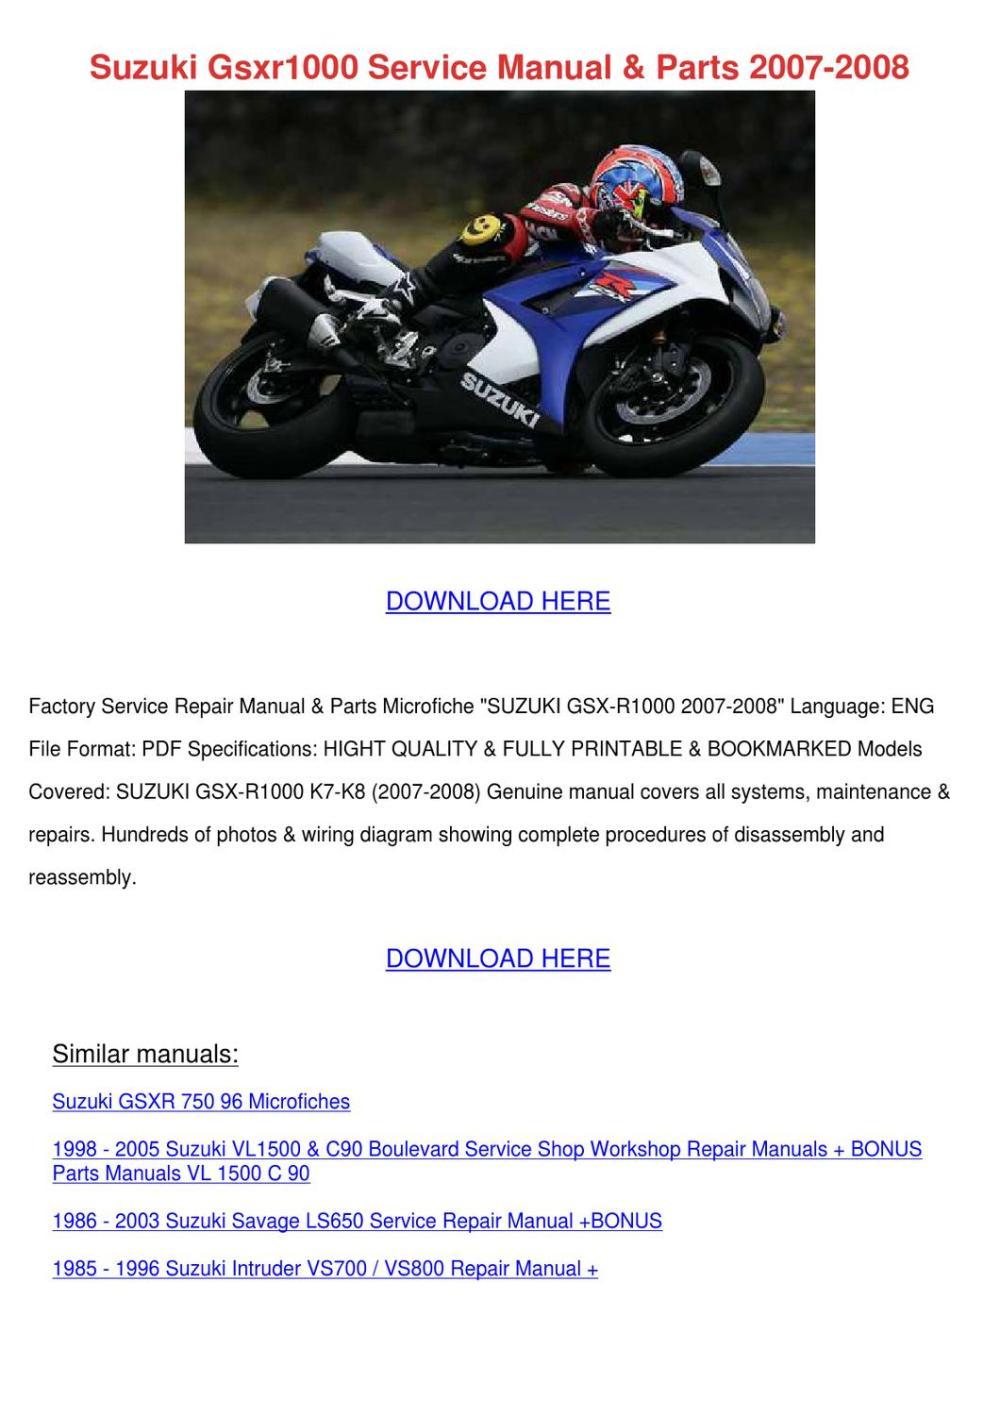 medium resolution of suzuki gsxr1000 service manual parts 2007 200